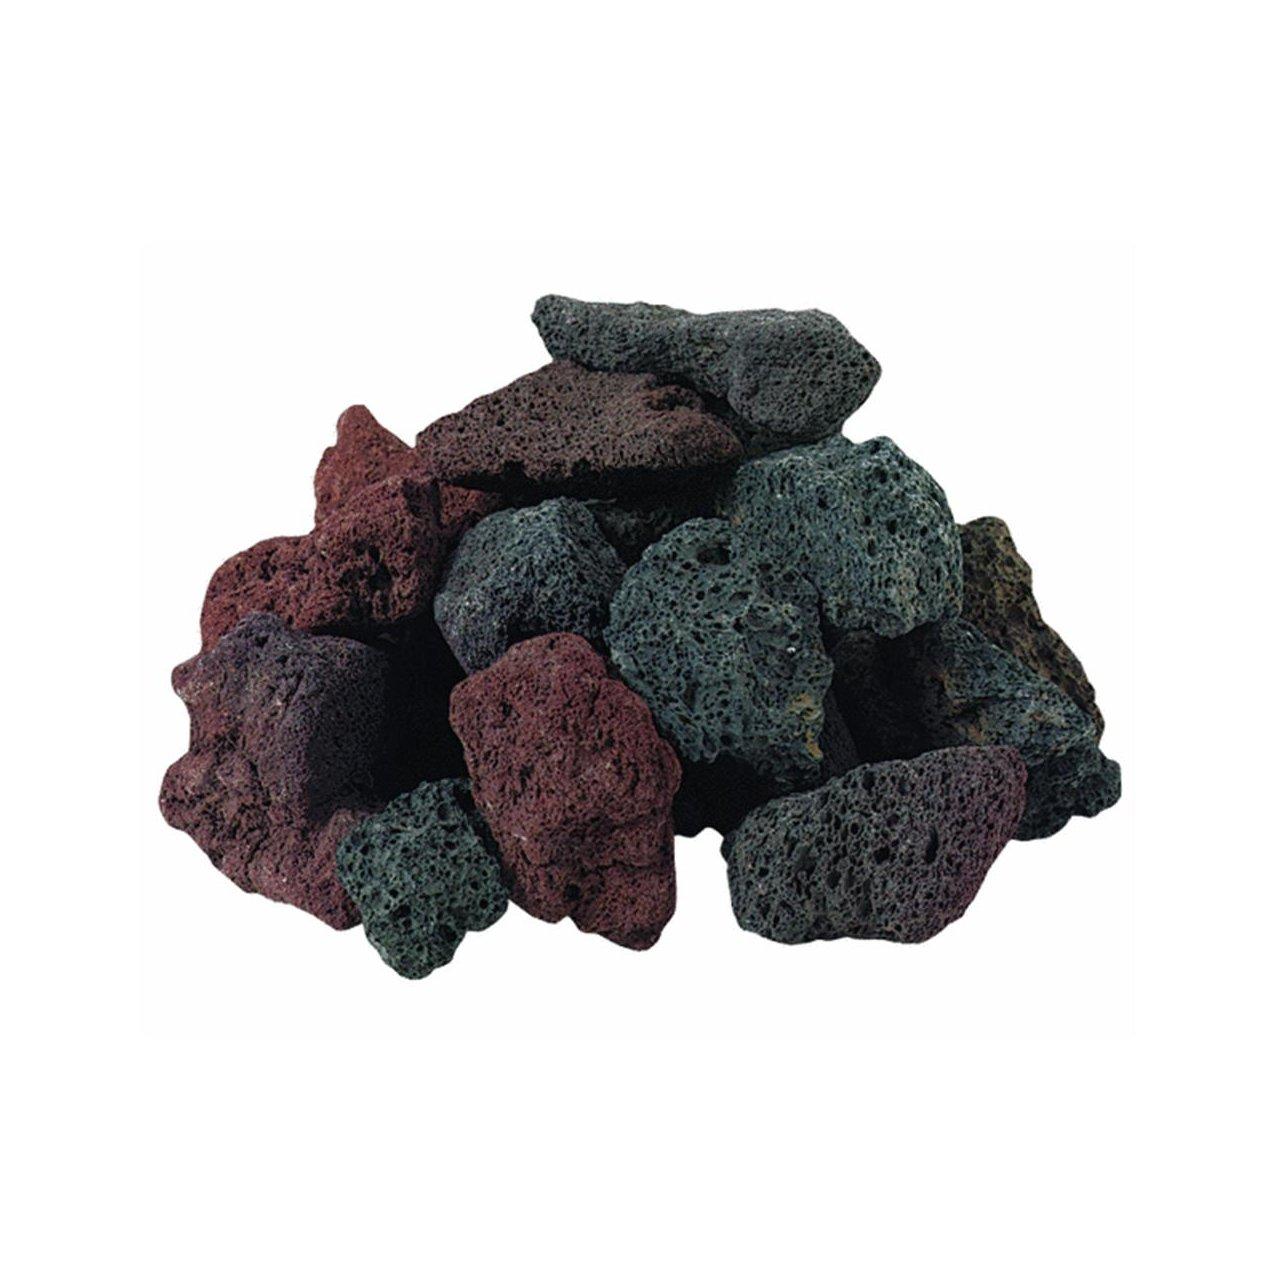 Grillpro 7 lb. Lava Rock